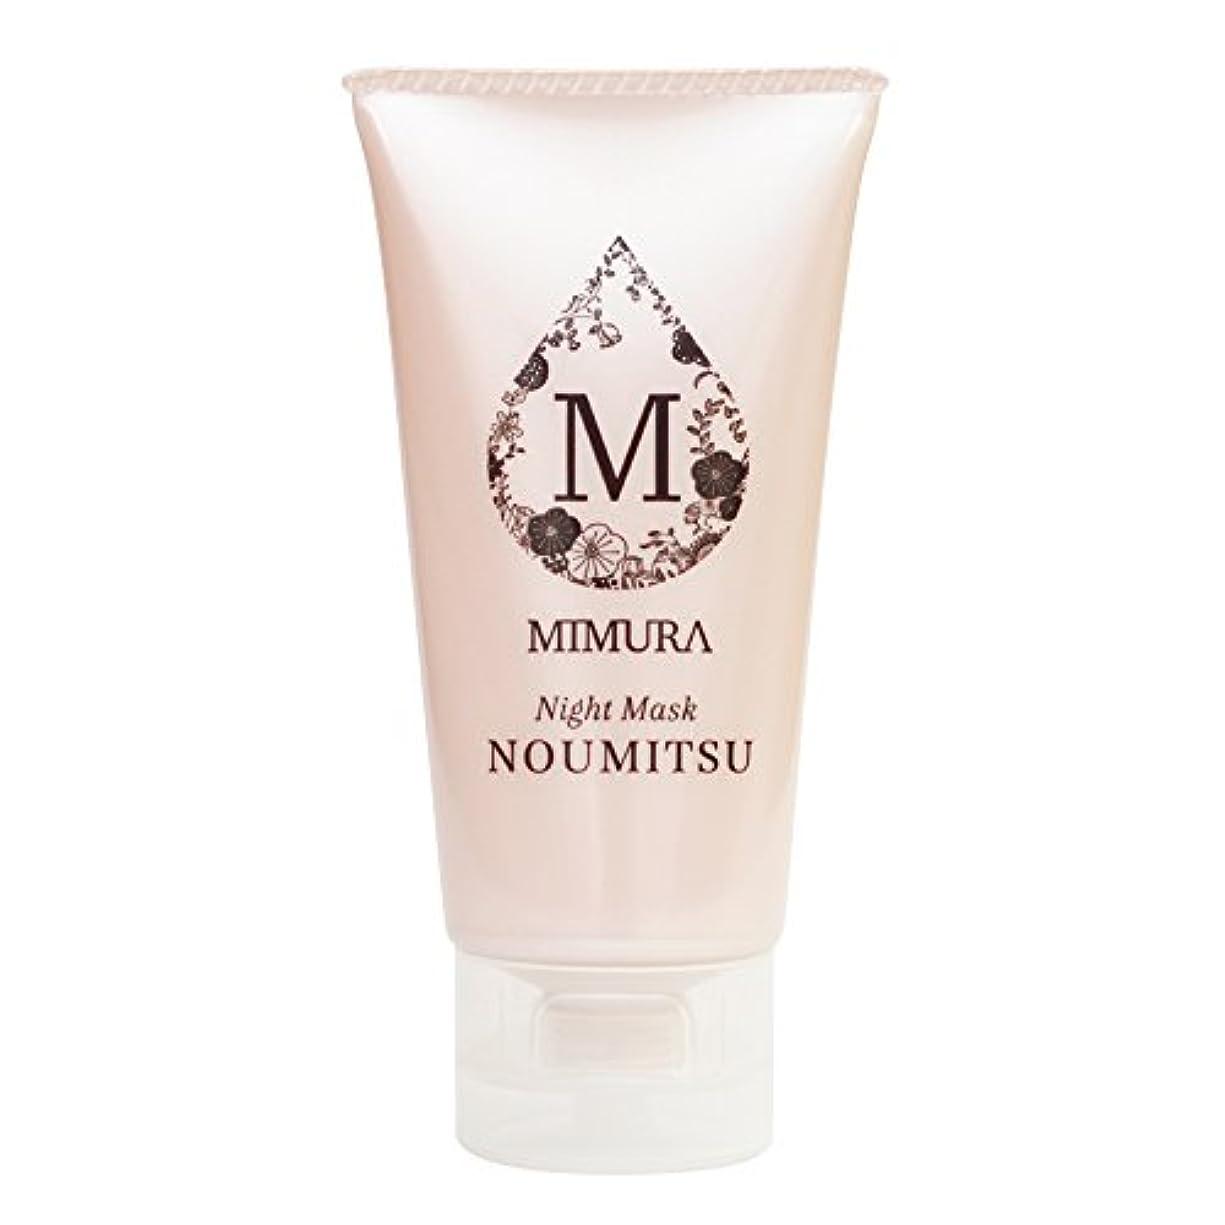 家庭考慮適合するナイトケアクリーム 保湿 顔 用 ミムラ ナイトマスク NOUMITSU 48g MIMURA 乾燥肌 日本製